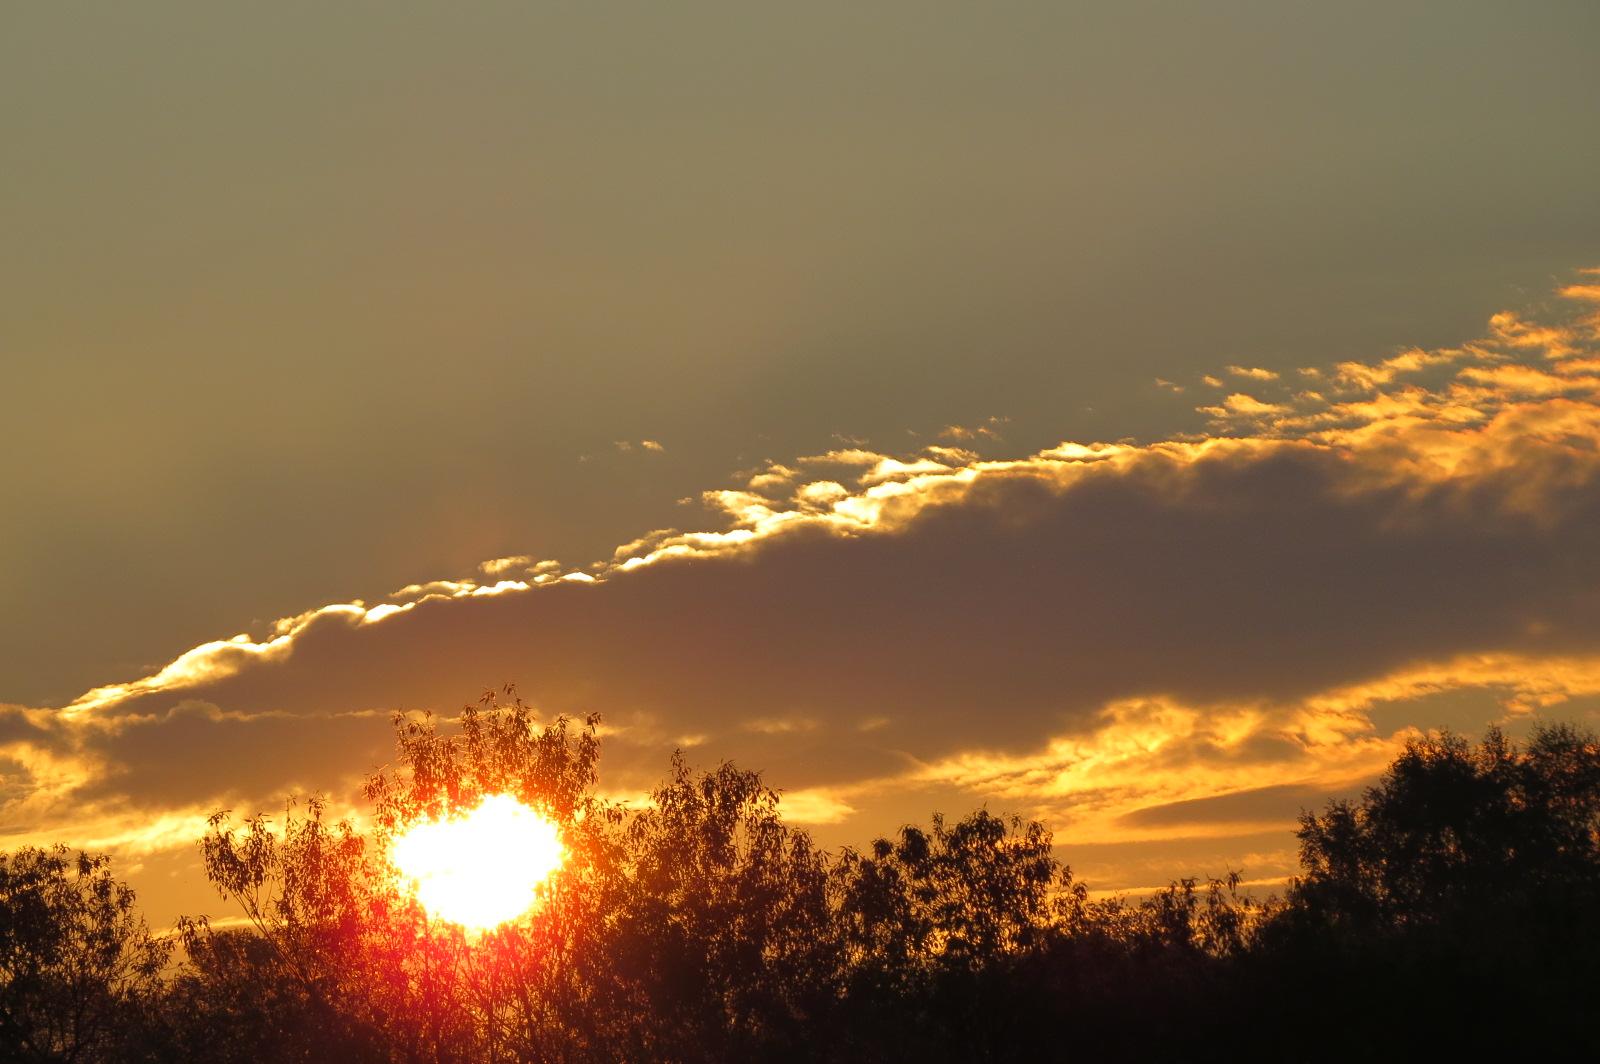 Sonnenaufgang am Ostermontag um 6:45 Uhr